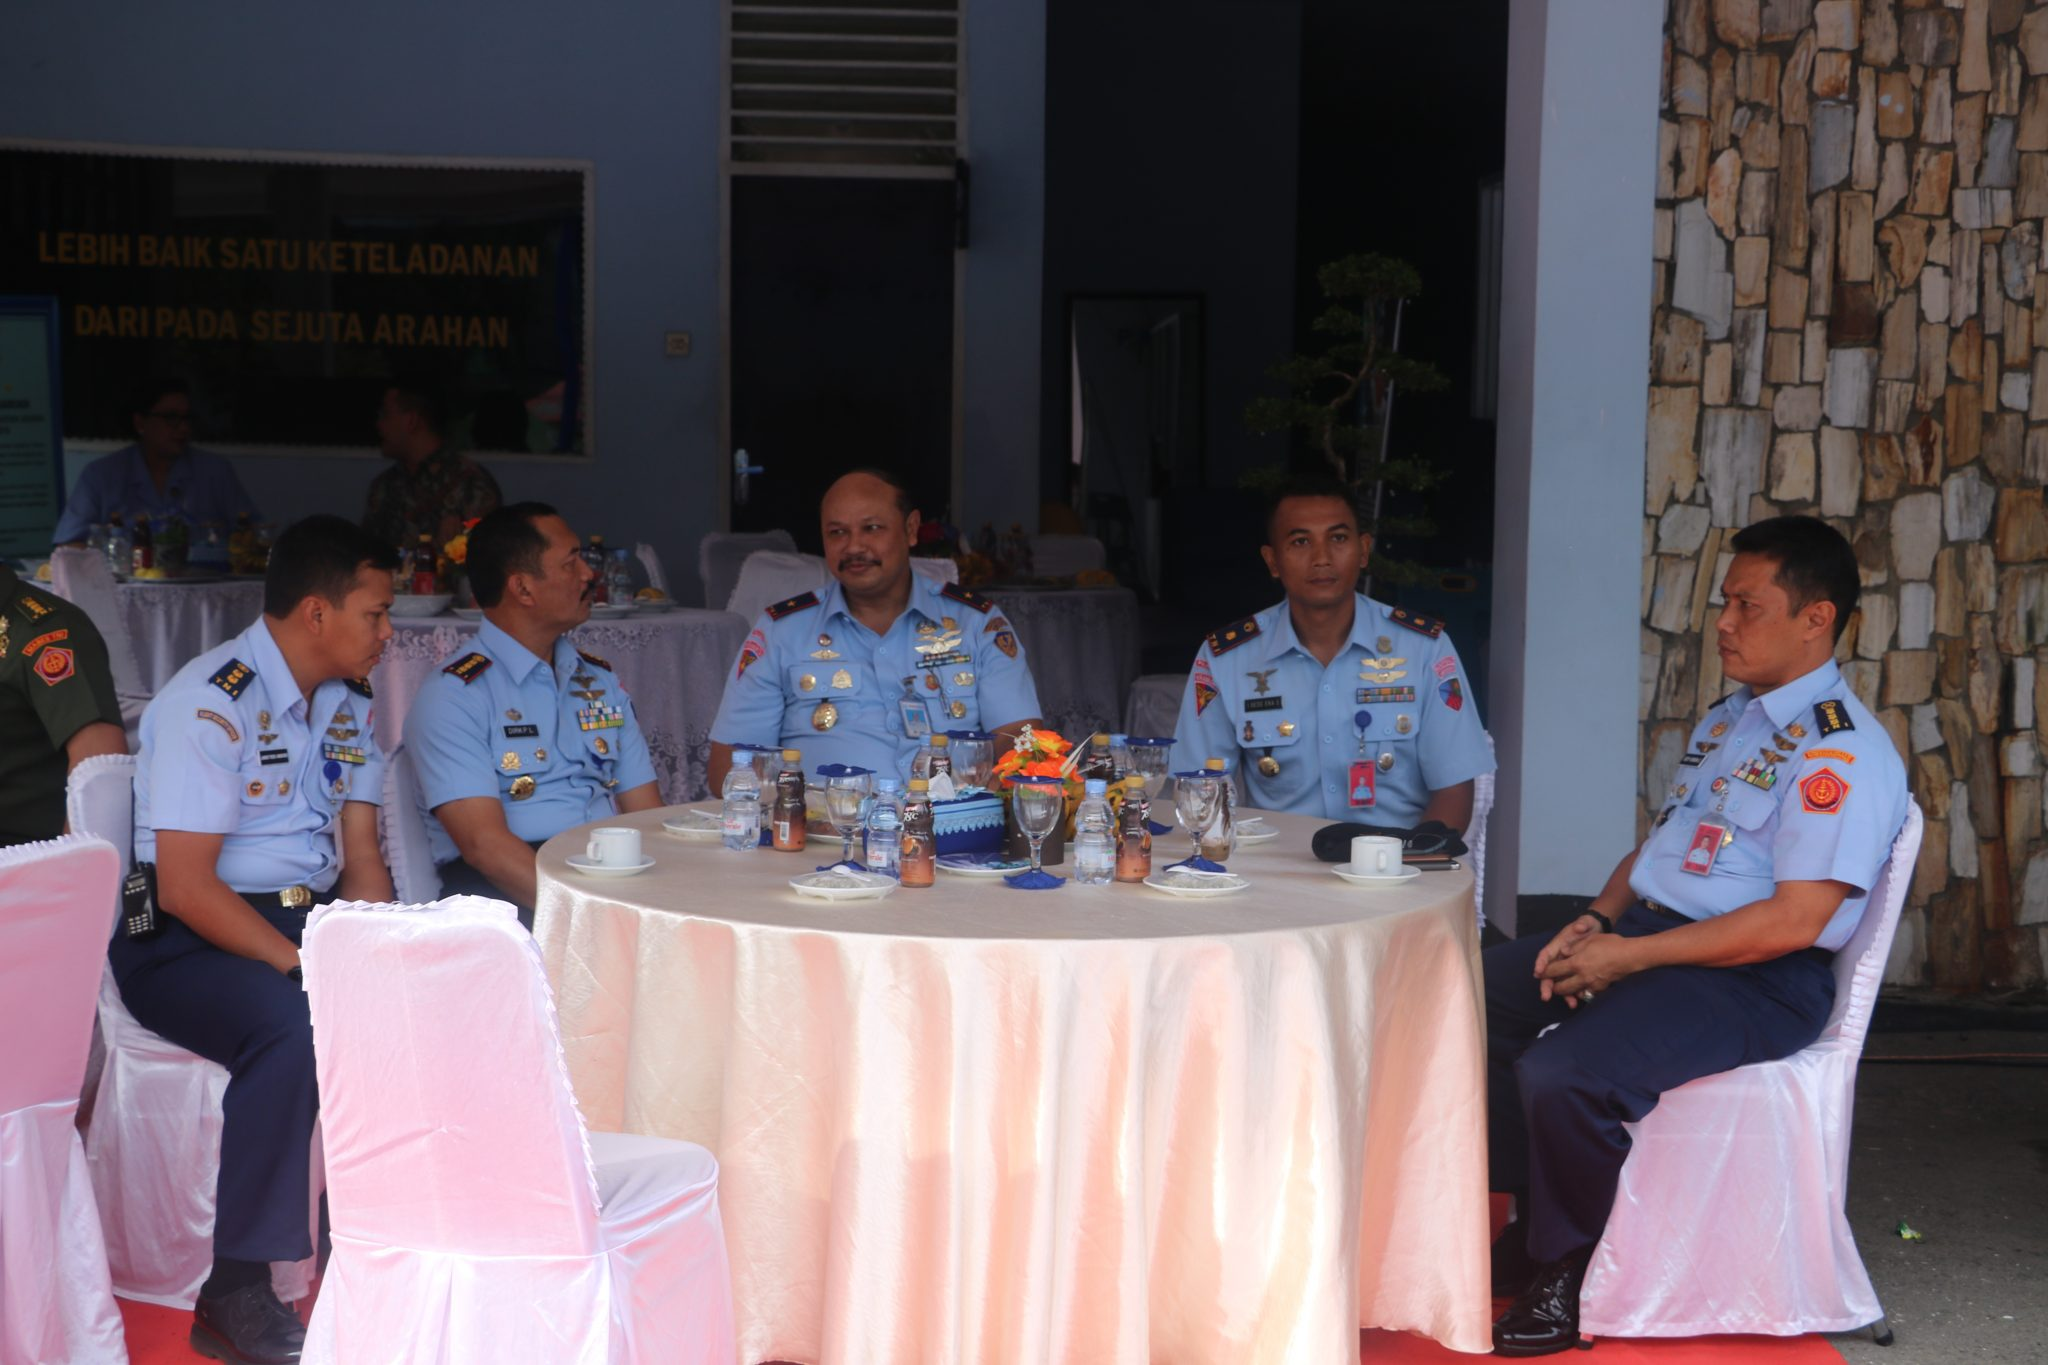 Danpuspomau Hadiri Acara Syukuran, Lomba Mancing dan Khitanan Massal di Lanud Soewondo